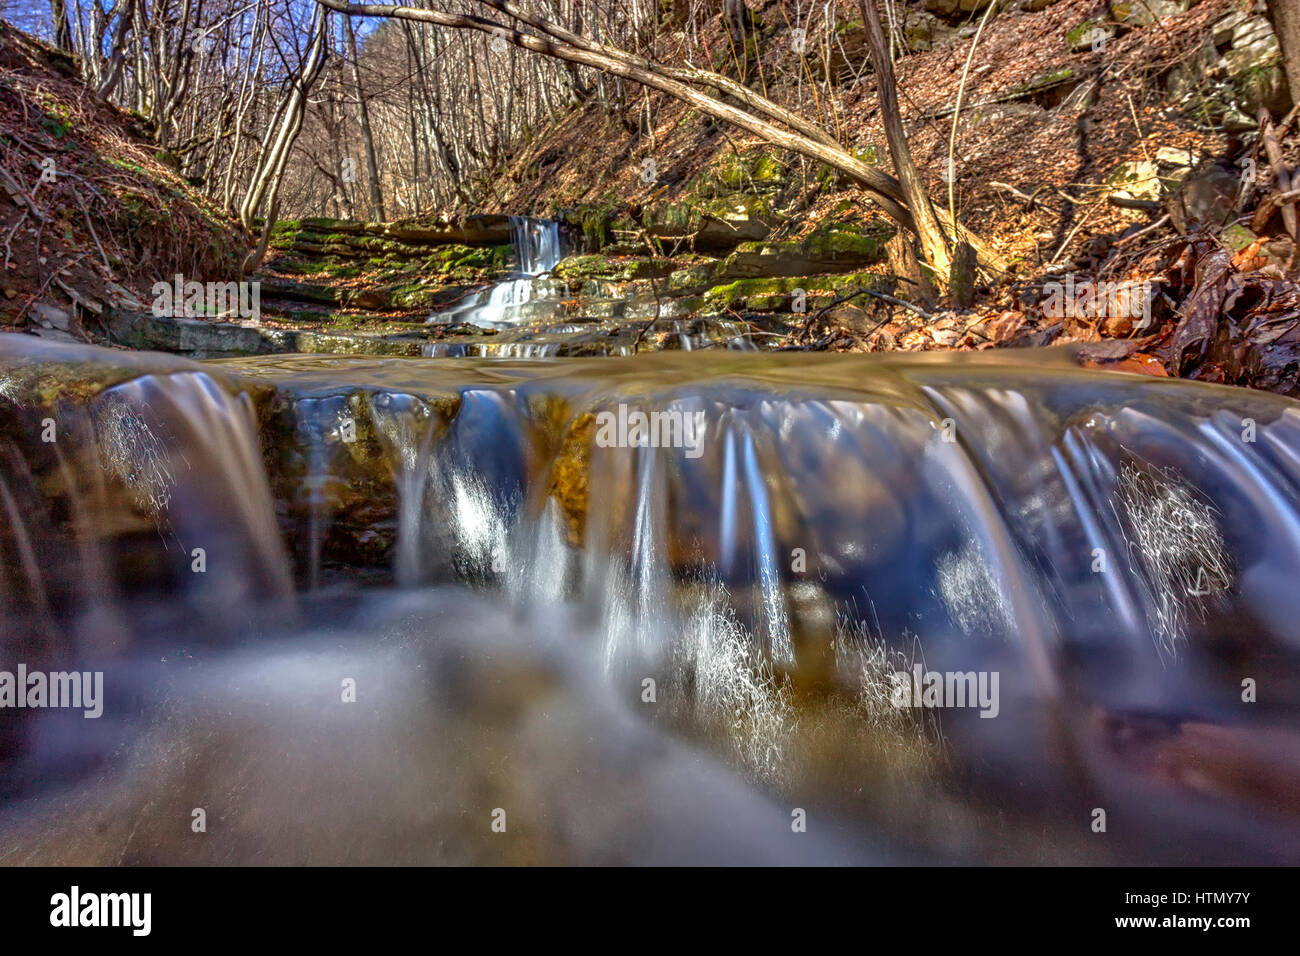 Cerrar vista del agua en el río pequeño con rocas en la montaña Foto de stock